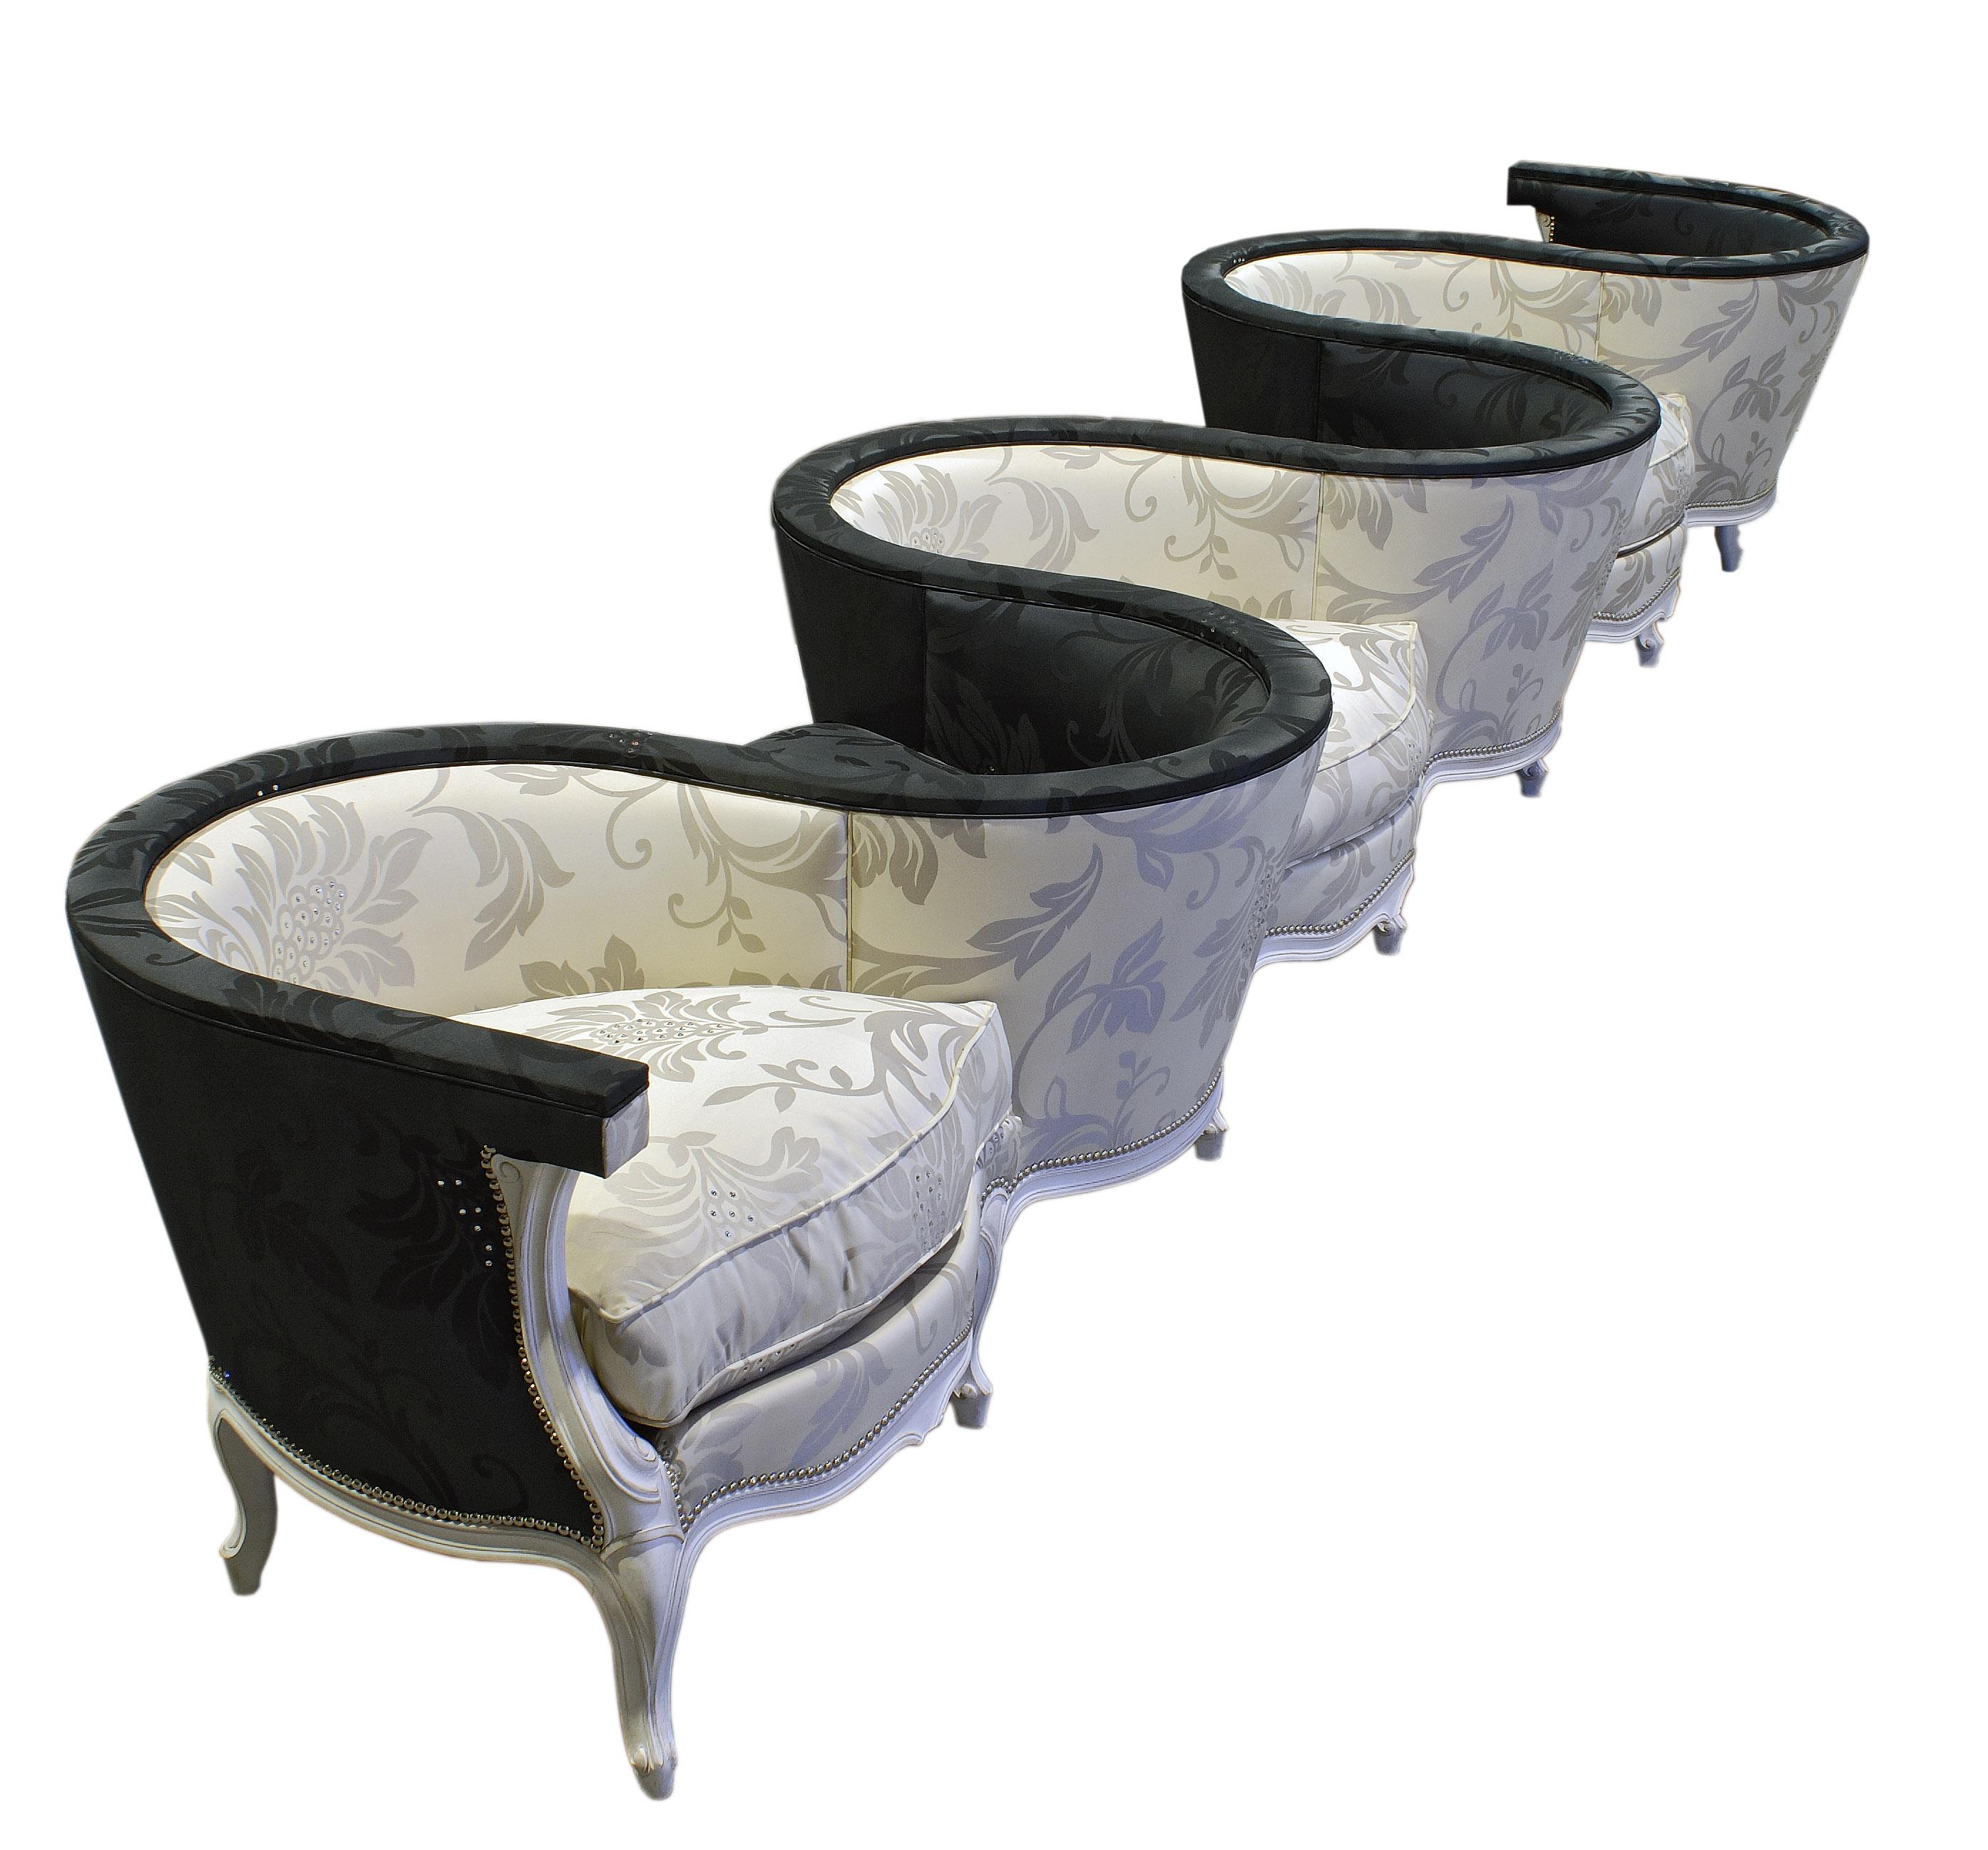 best fauteuil double conversation pictures joshkrajcik. Black Bedroom Furniture Sets. Home Design Ideas